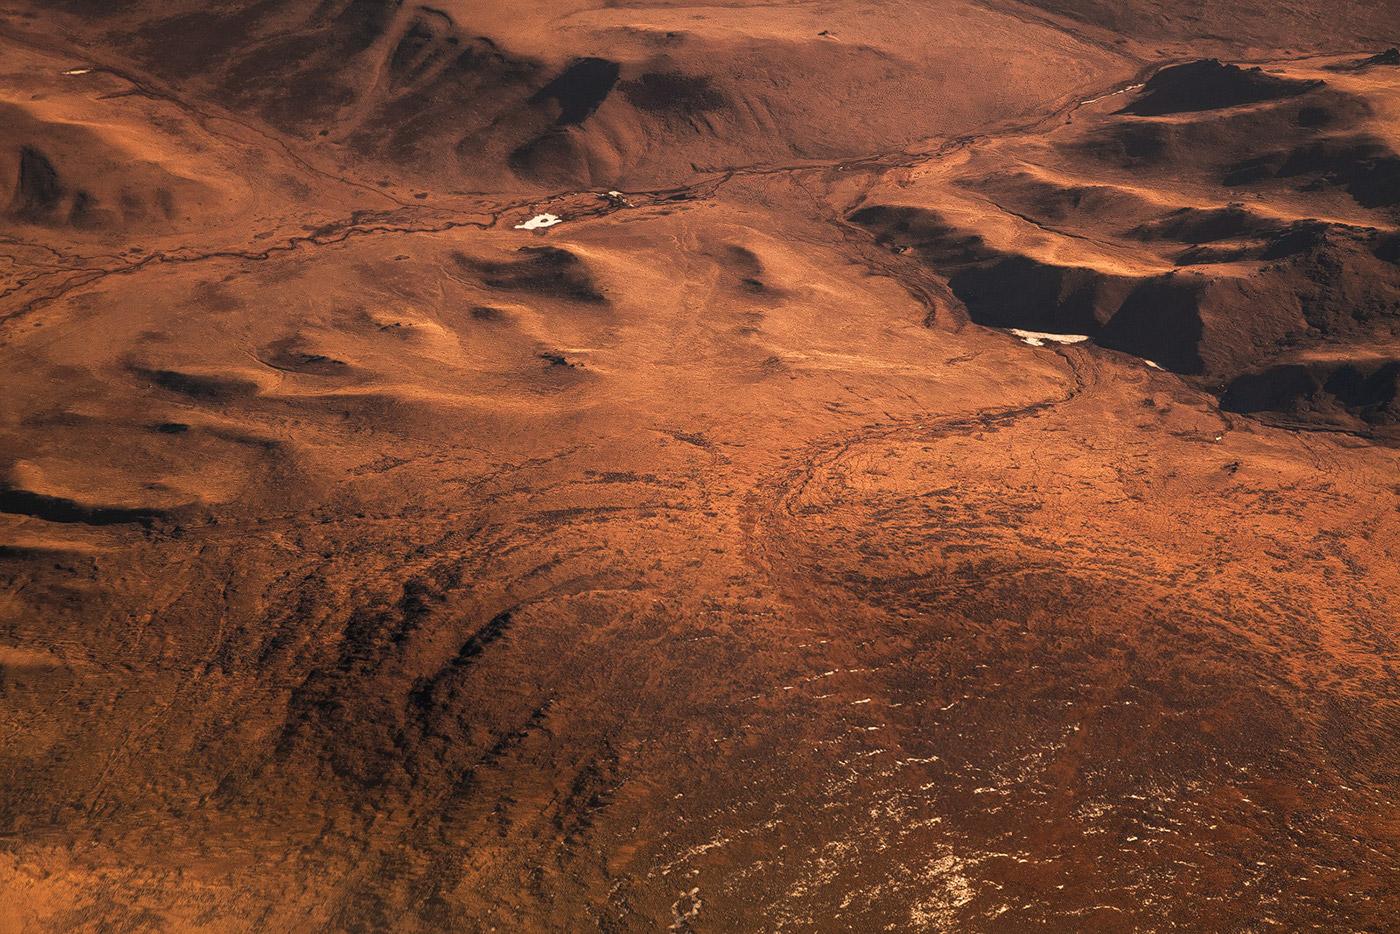 mars landscape materials - 807×538